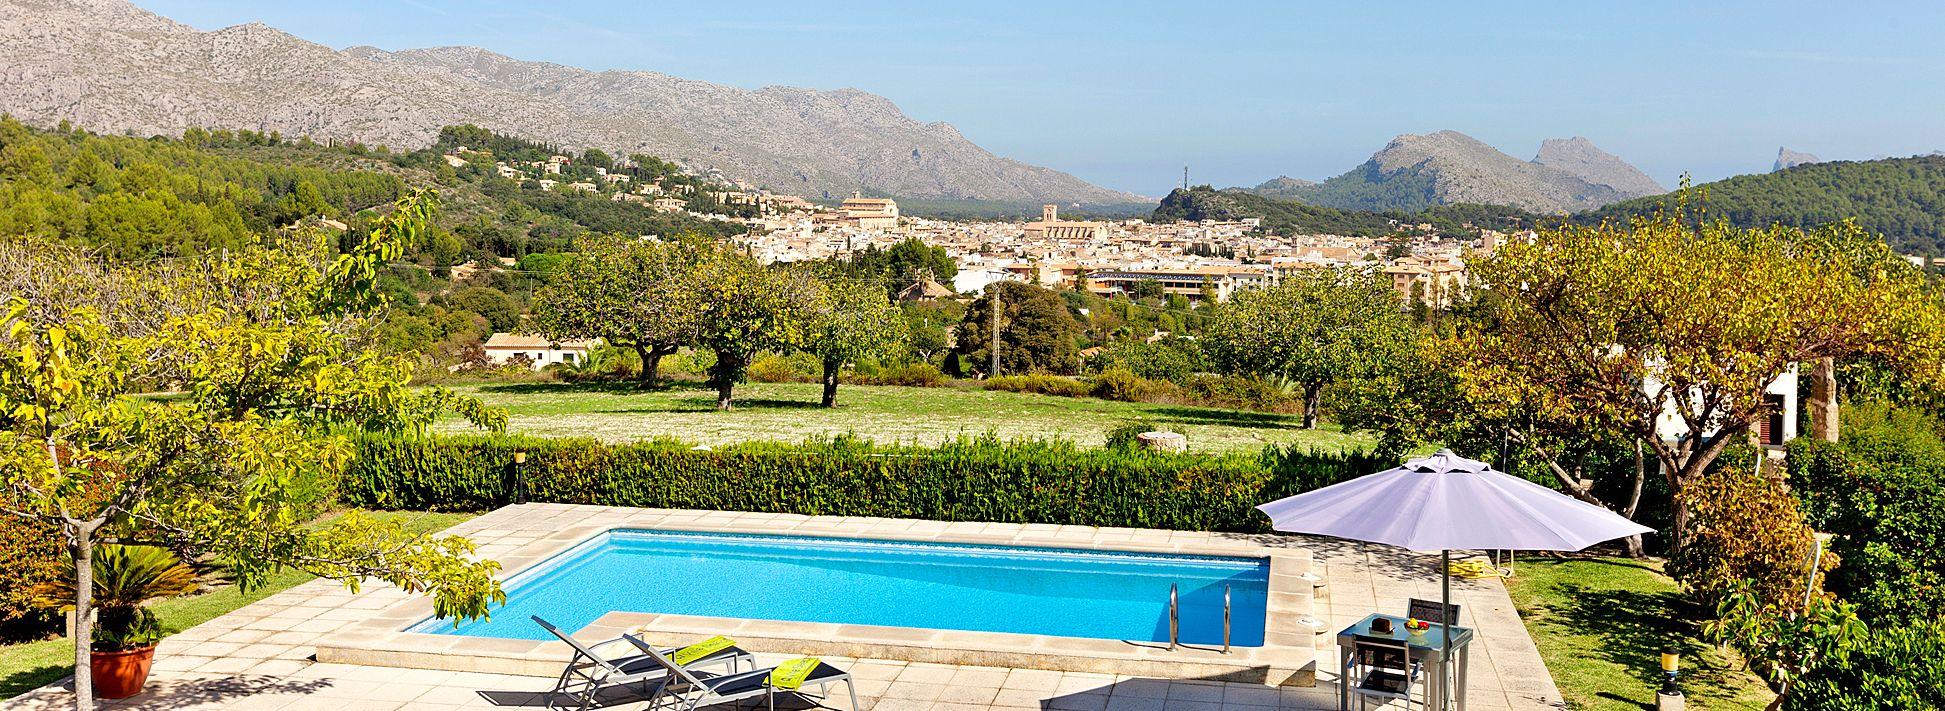 Ferienhaus mallorca ma2032 mit pool f r 4 personen mieten for Mallorca ferienhaus mieten